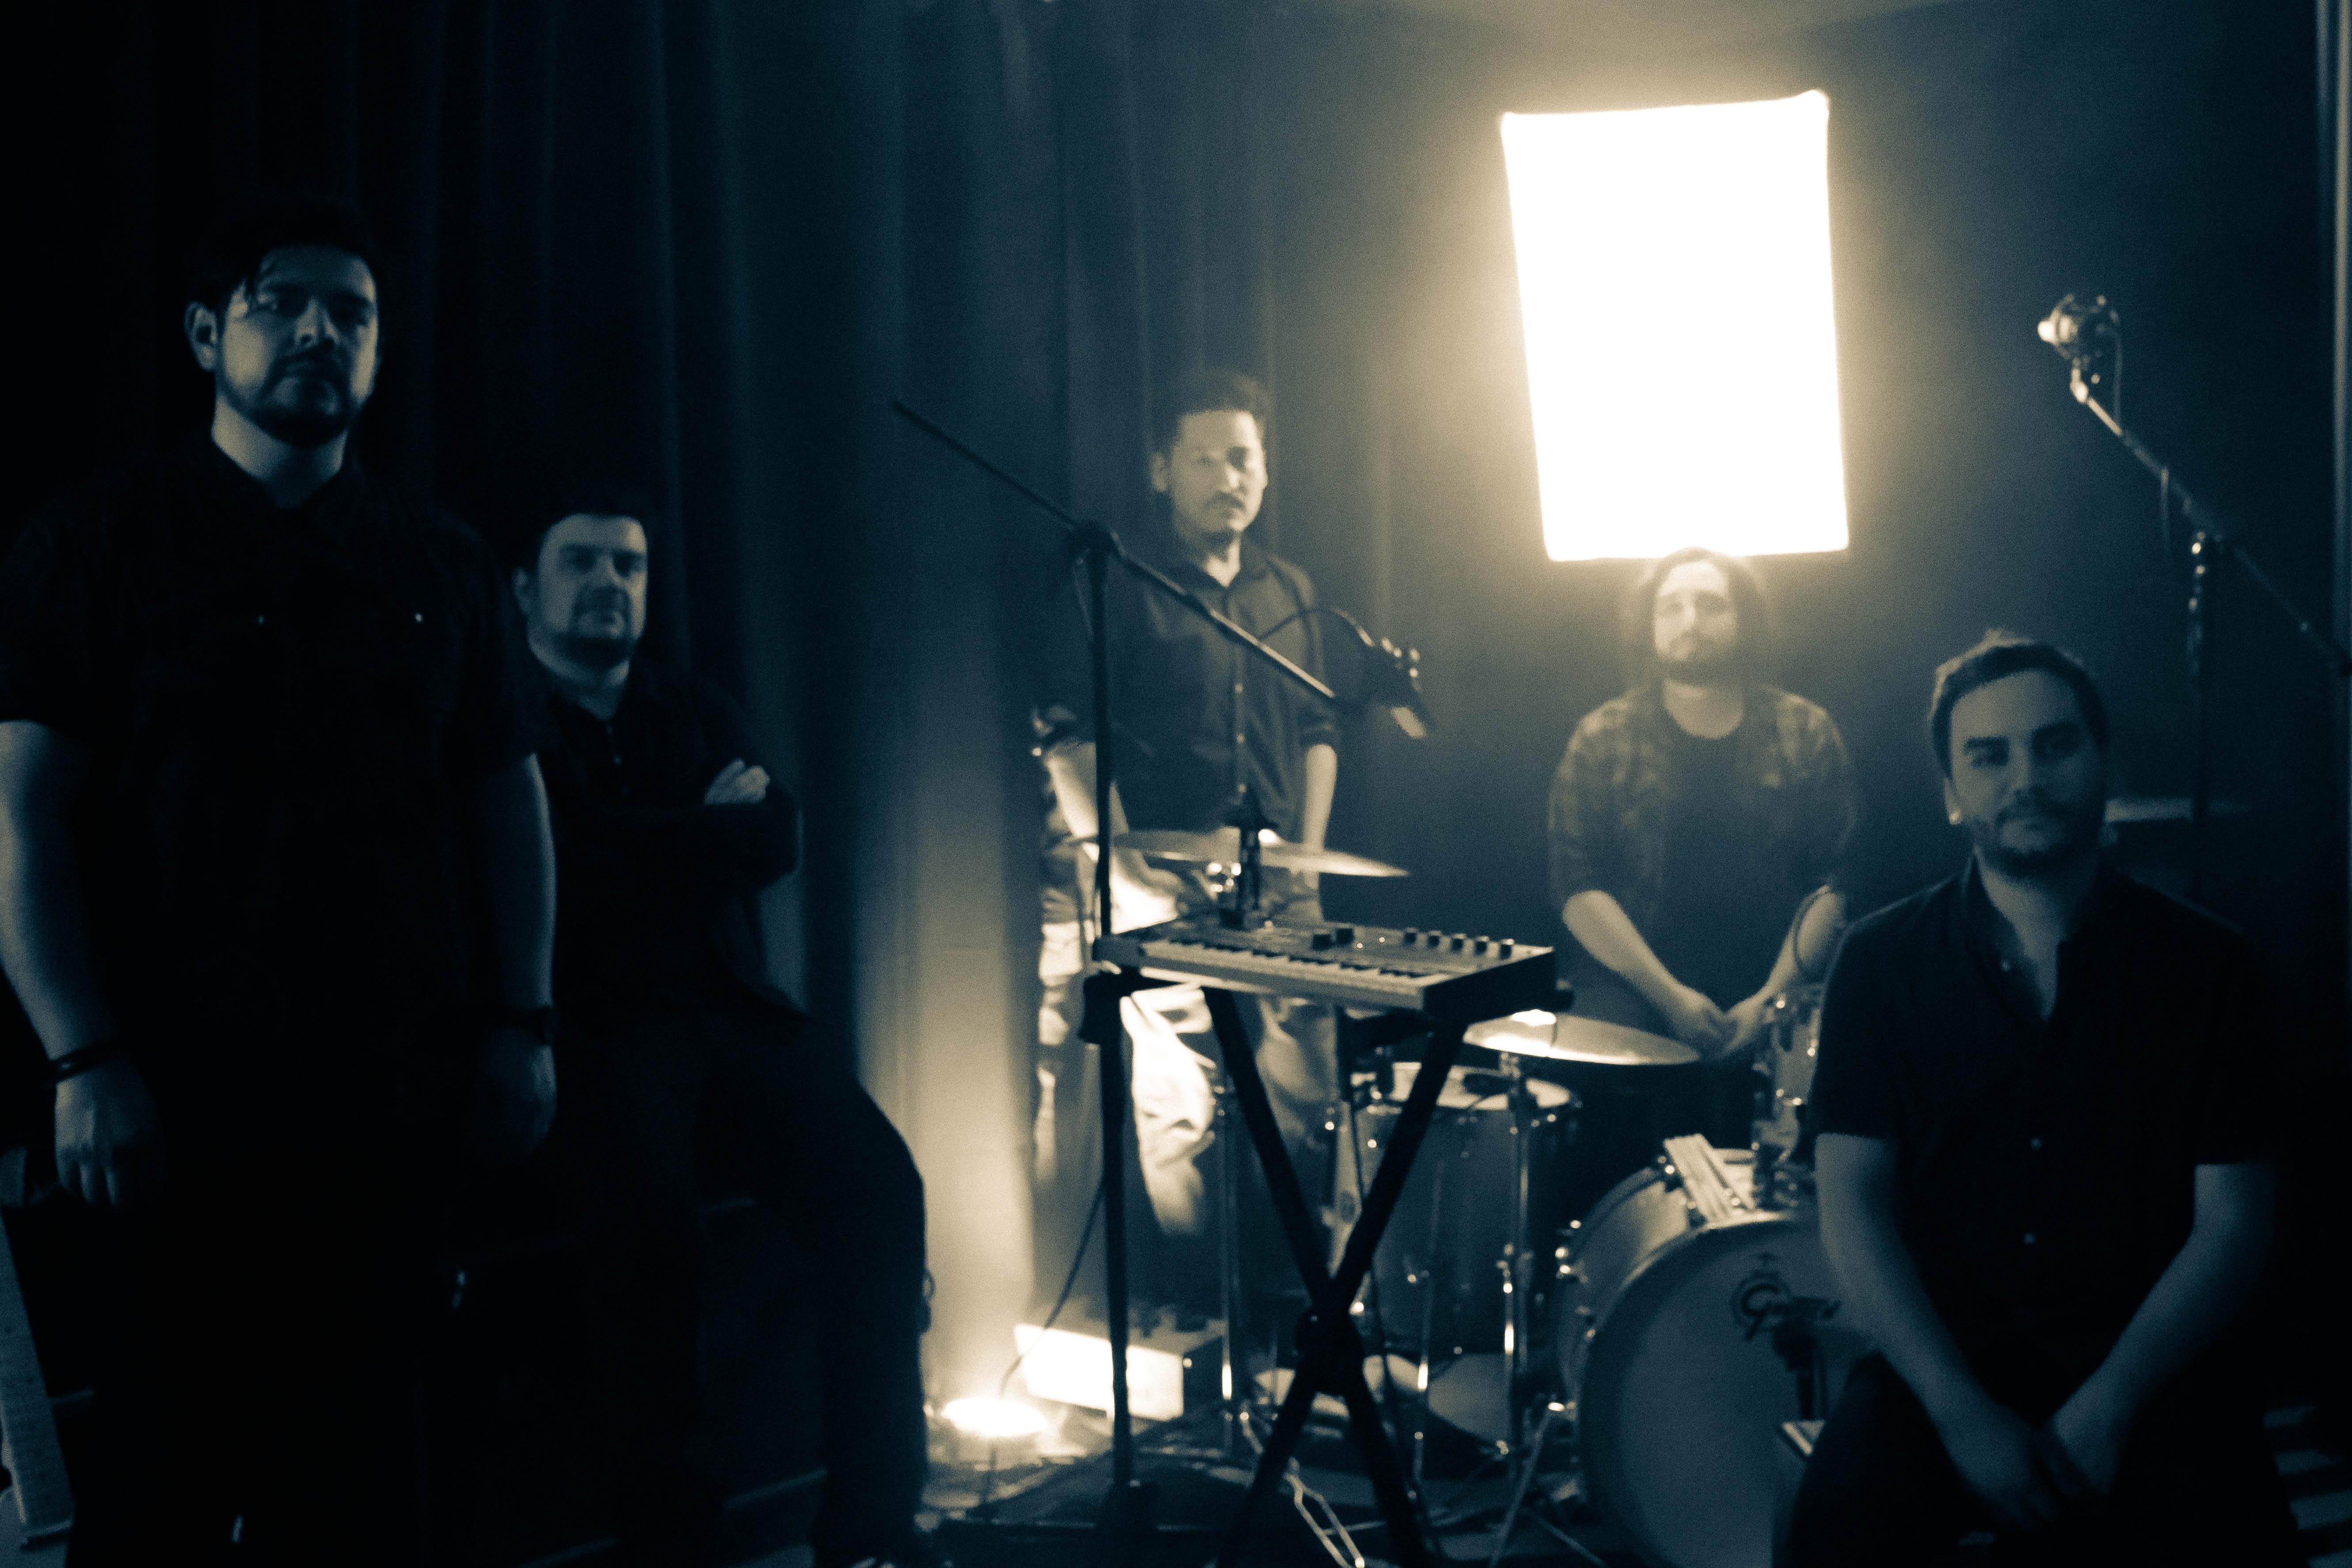 BAIKONUR estrena la versión extendida de su reciente sesión Blackout por el canal de LeRockPsicophonique